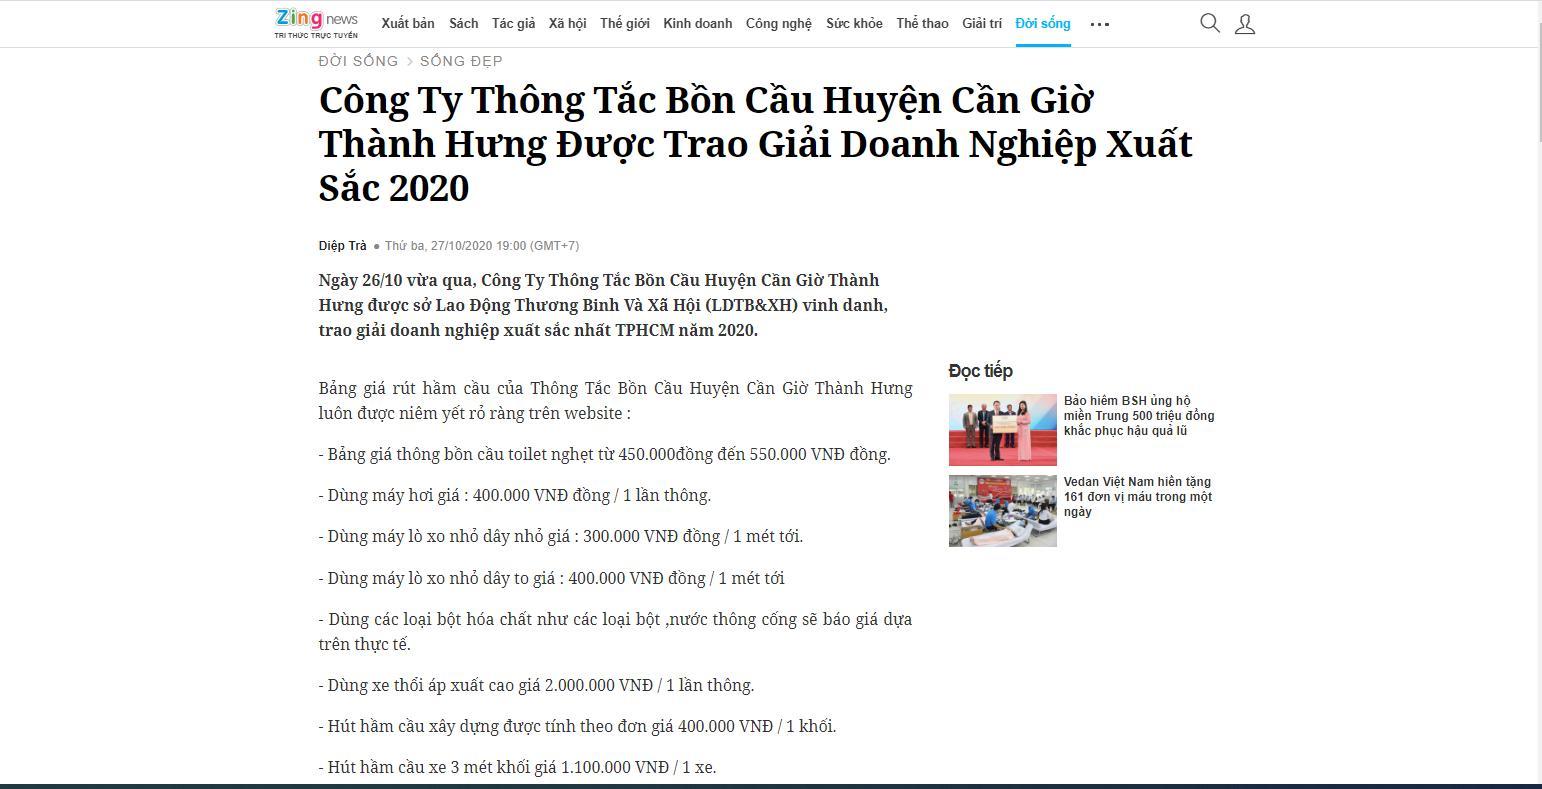 Báo Zingnews nói về Công Ty Thông Tắc Bồn Cầu Toilet Huyện Cần Giờ Thành Hưng